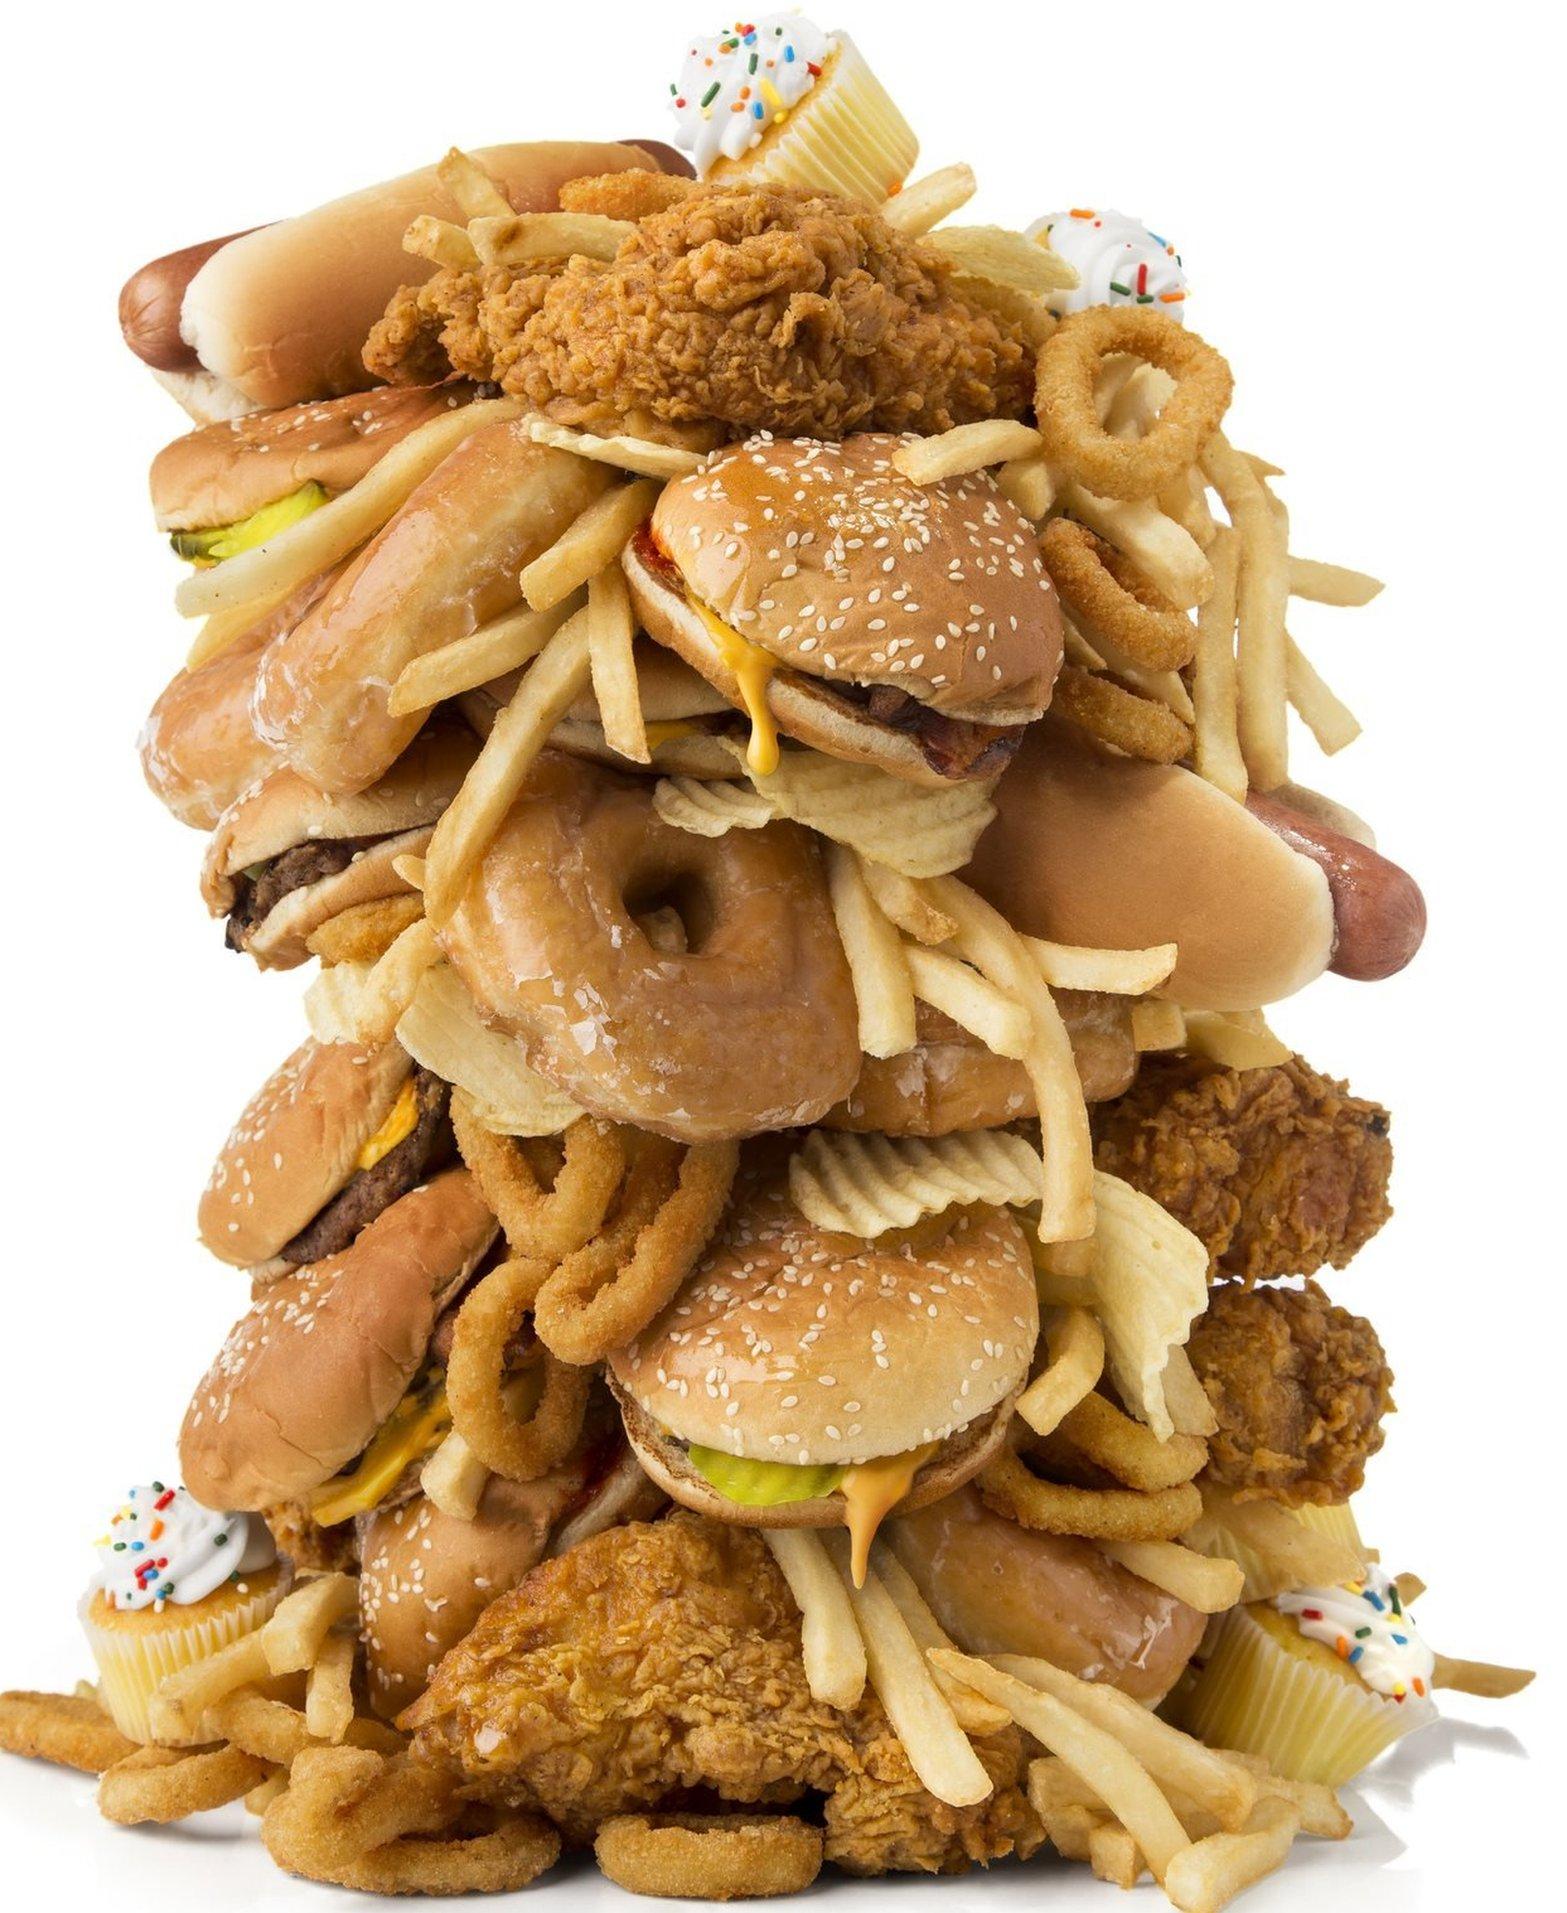 أنواع من الأطعمة غير الصحية